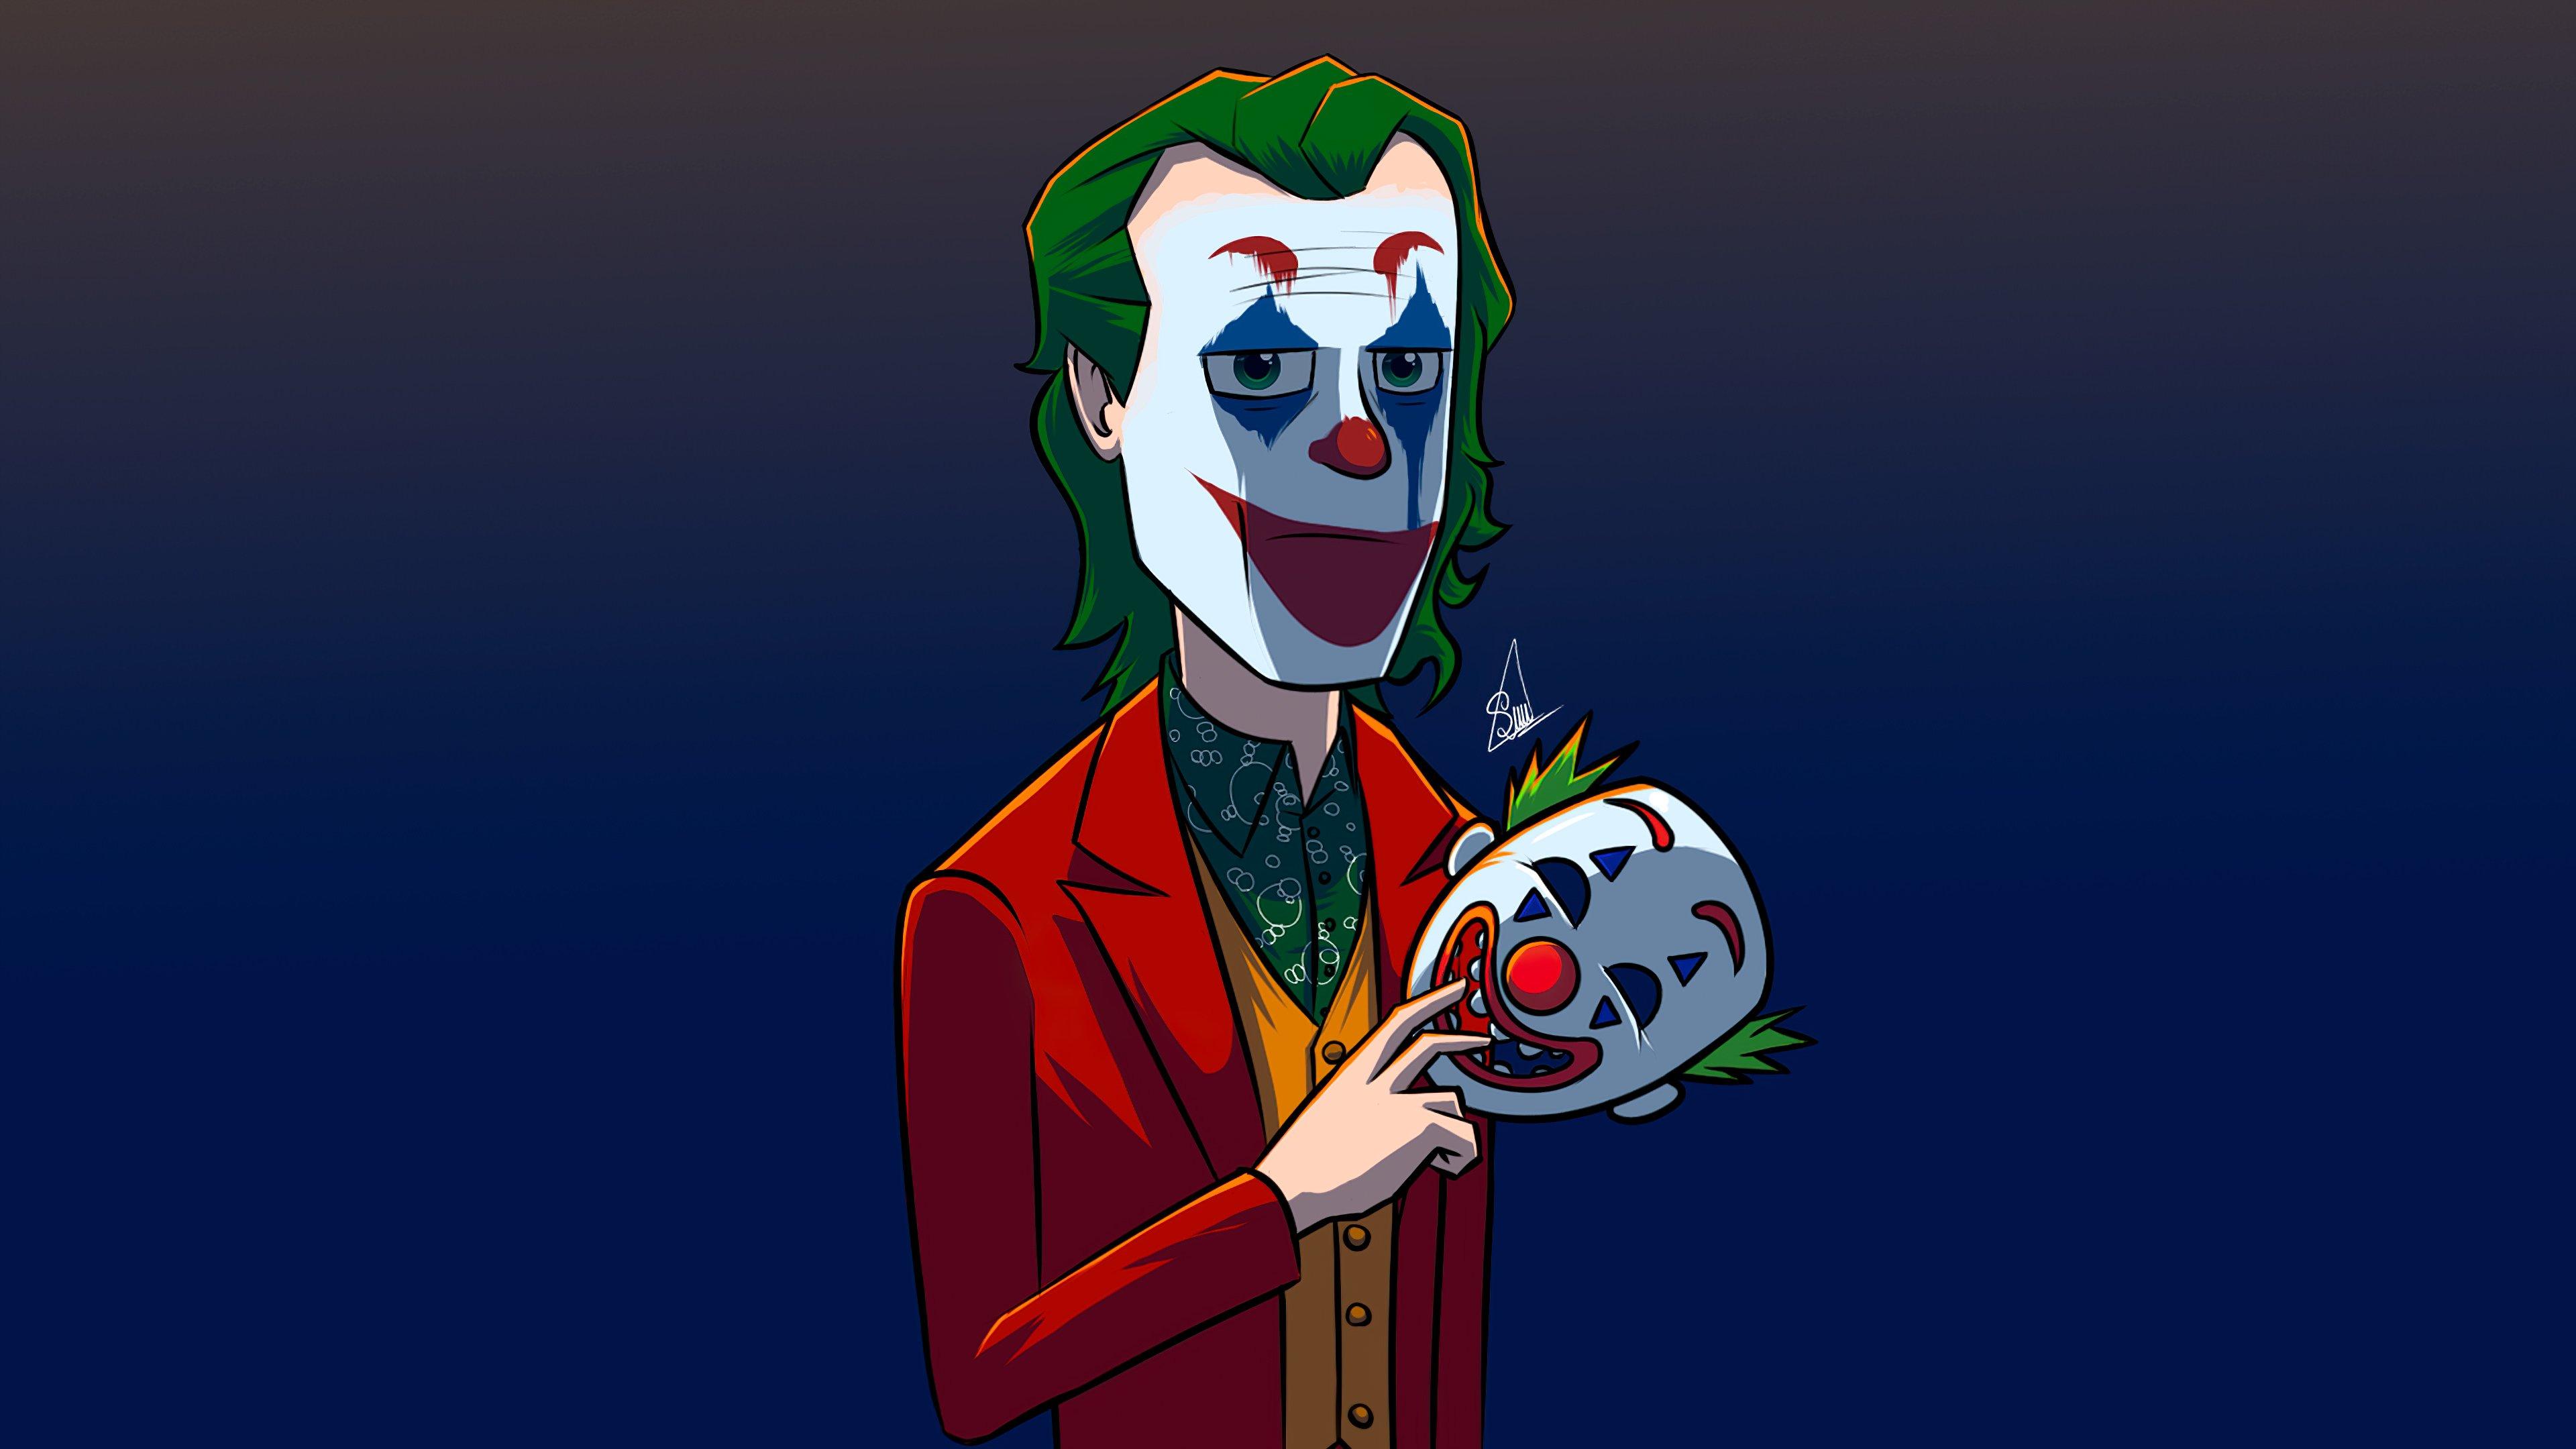 Fondos de pantalla El guasón con máscara de payaso